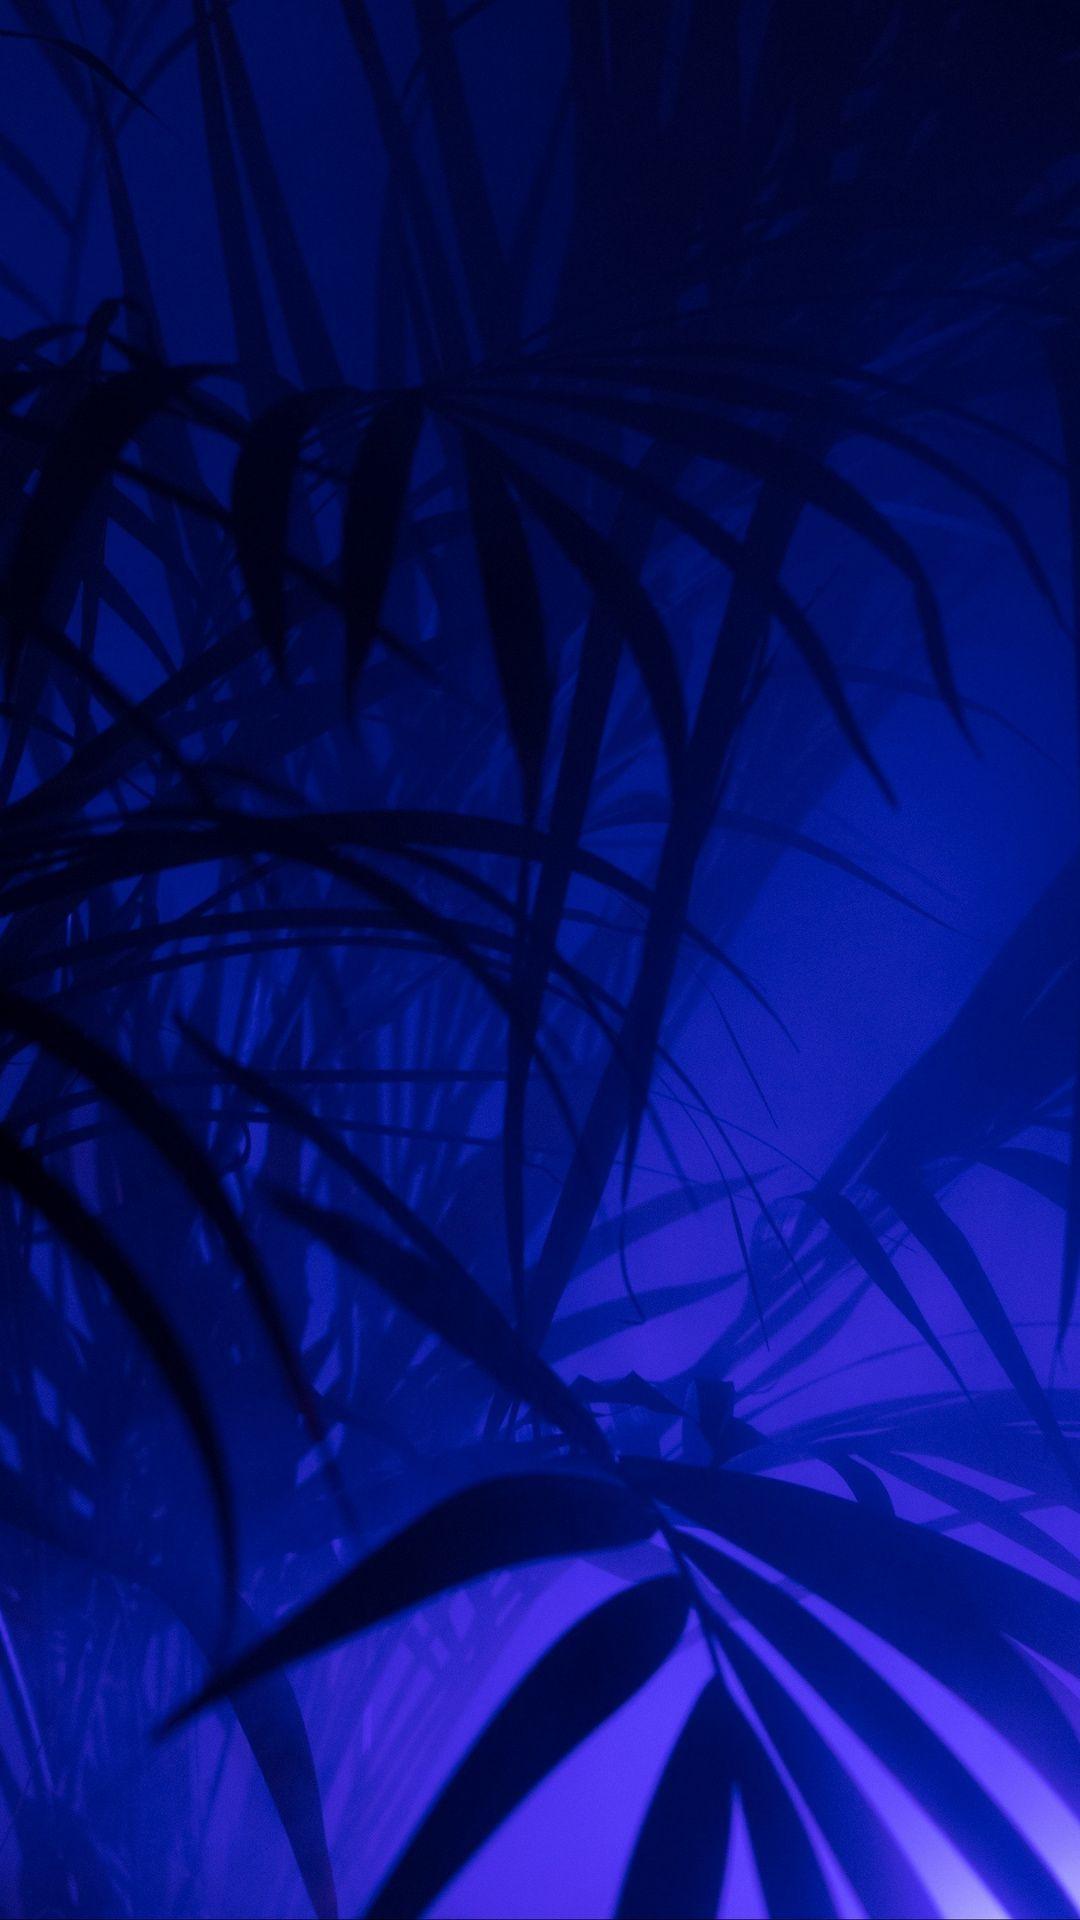 Download 1080x1920 Wallpaper Art Light Purple Fractal Art Neon In 2020 Blue Aesthetic Dark Blue Aesthetic Pastel Light Blue Aesthetic